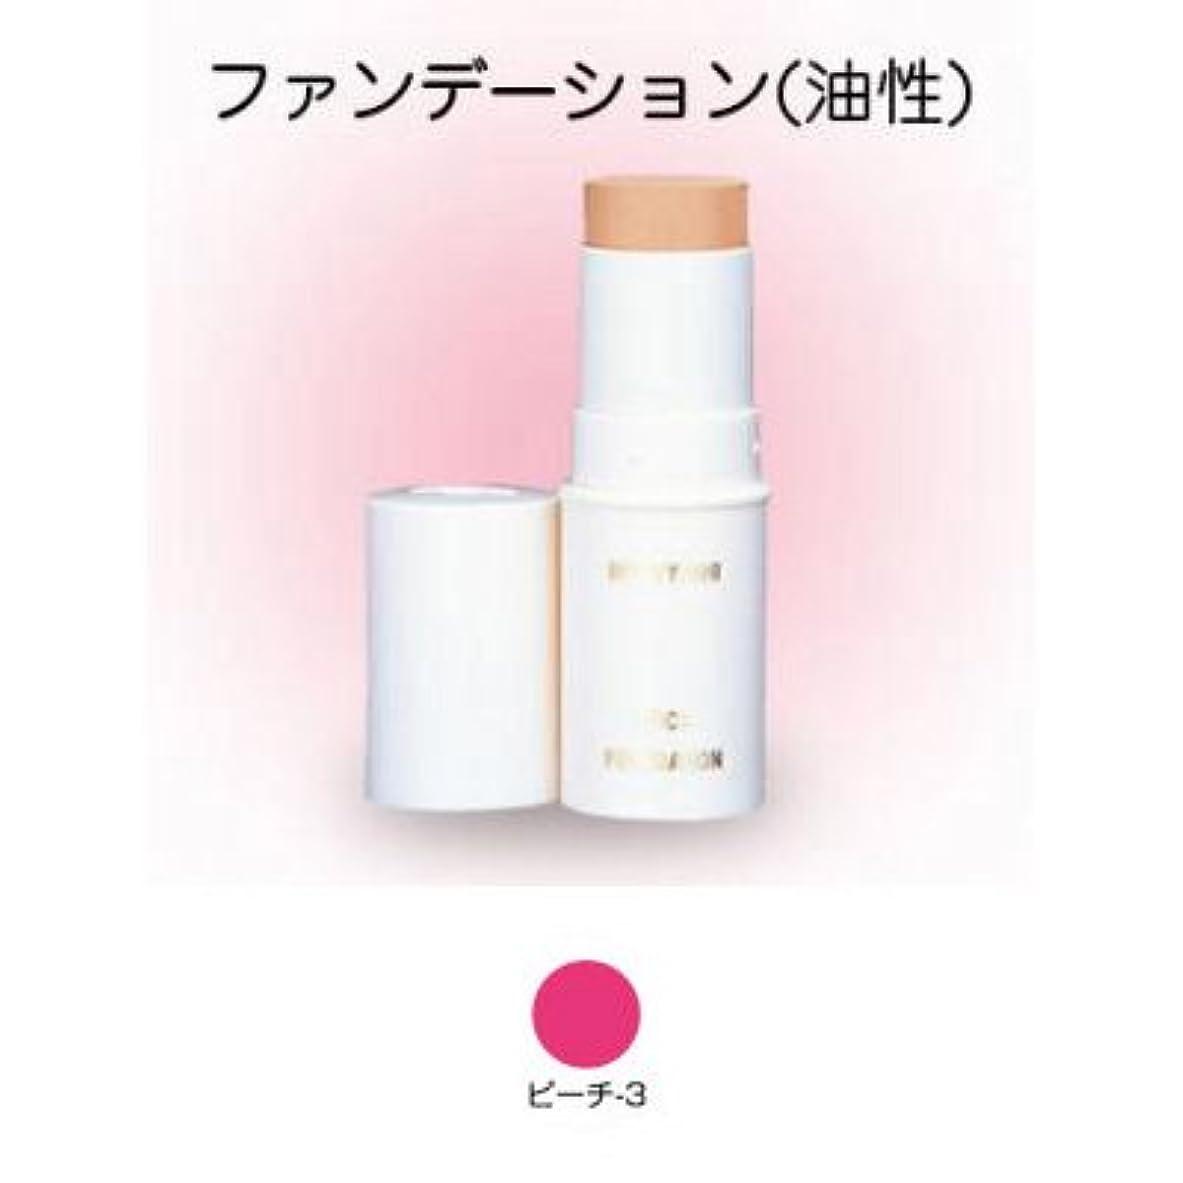 罰する腫瘍救いスティックファンデーション 16g ピーチ-3 【三善】